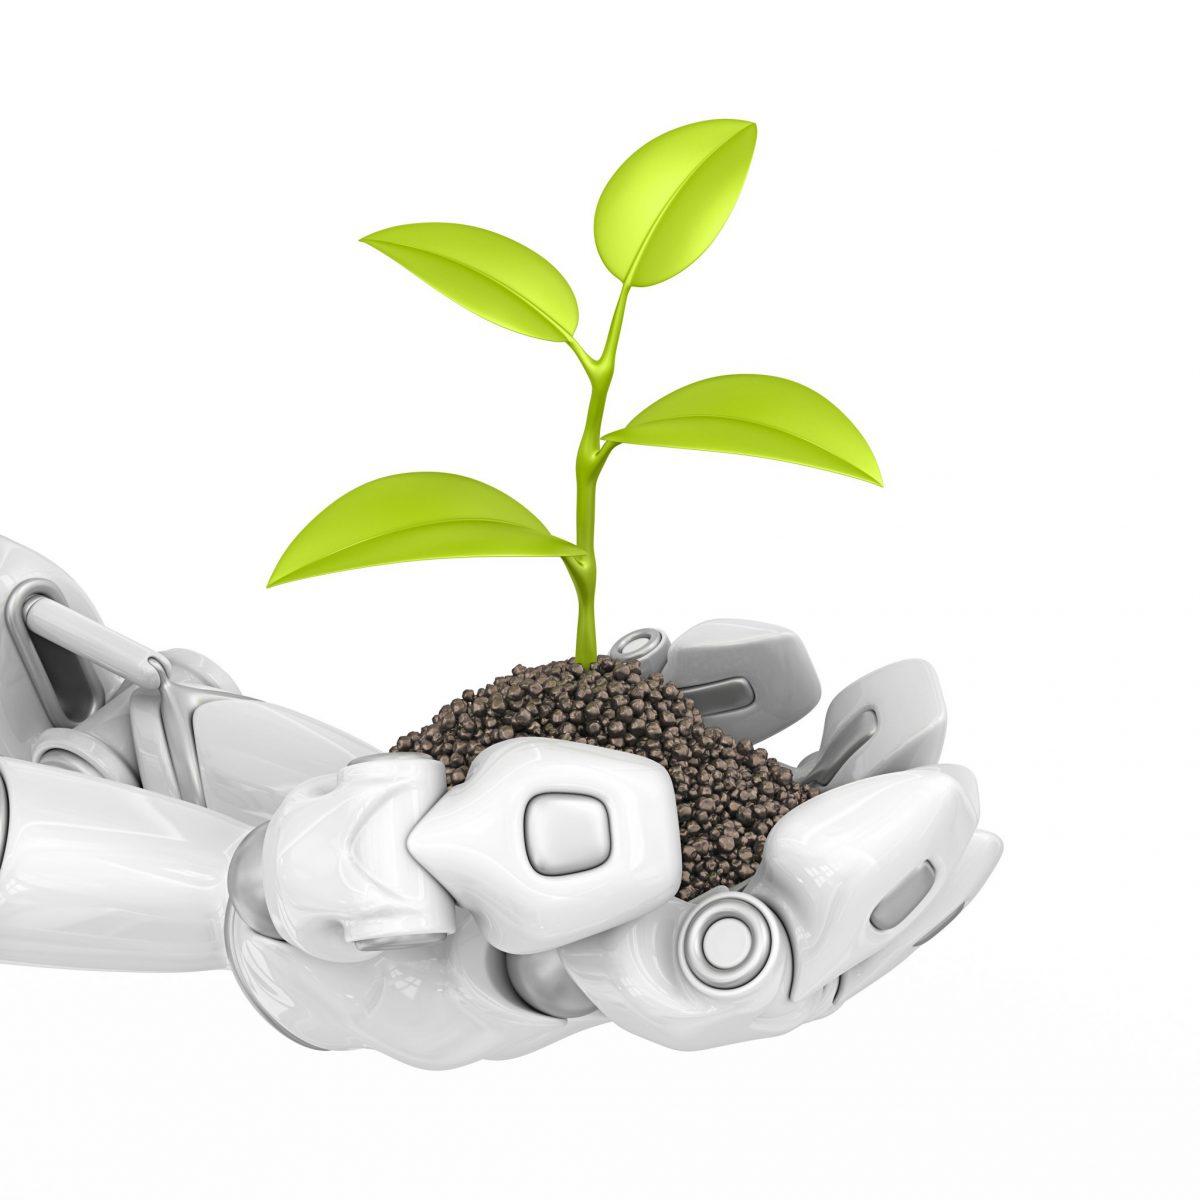 Smart Industry, Robotics, IoT